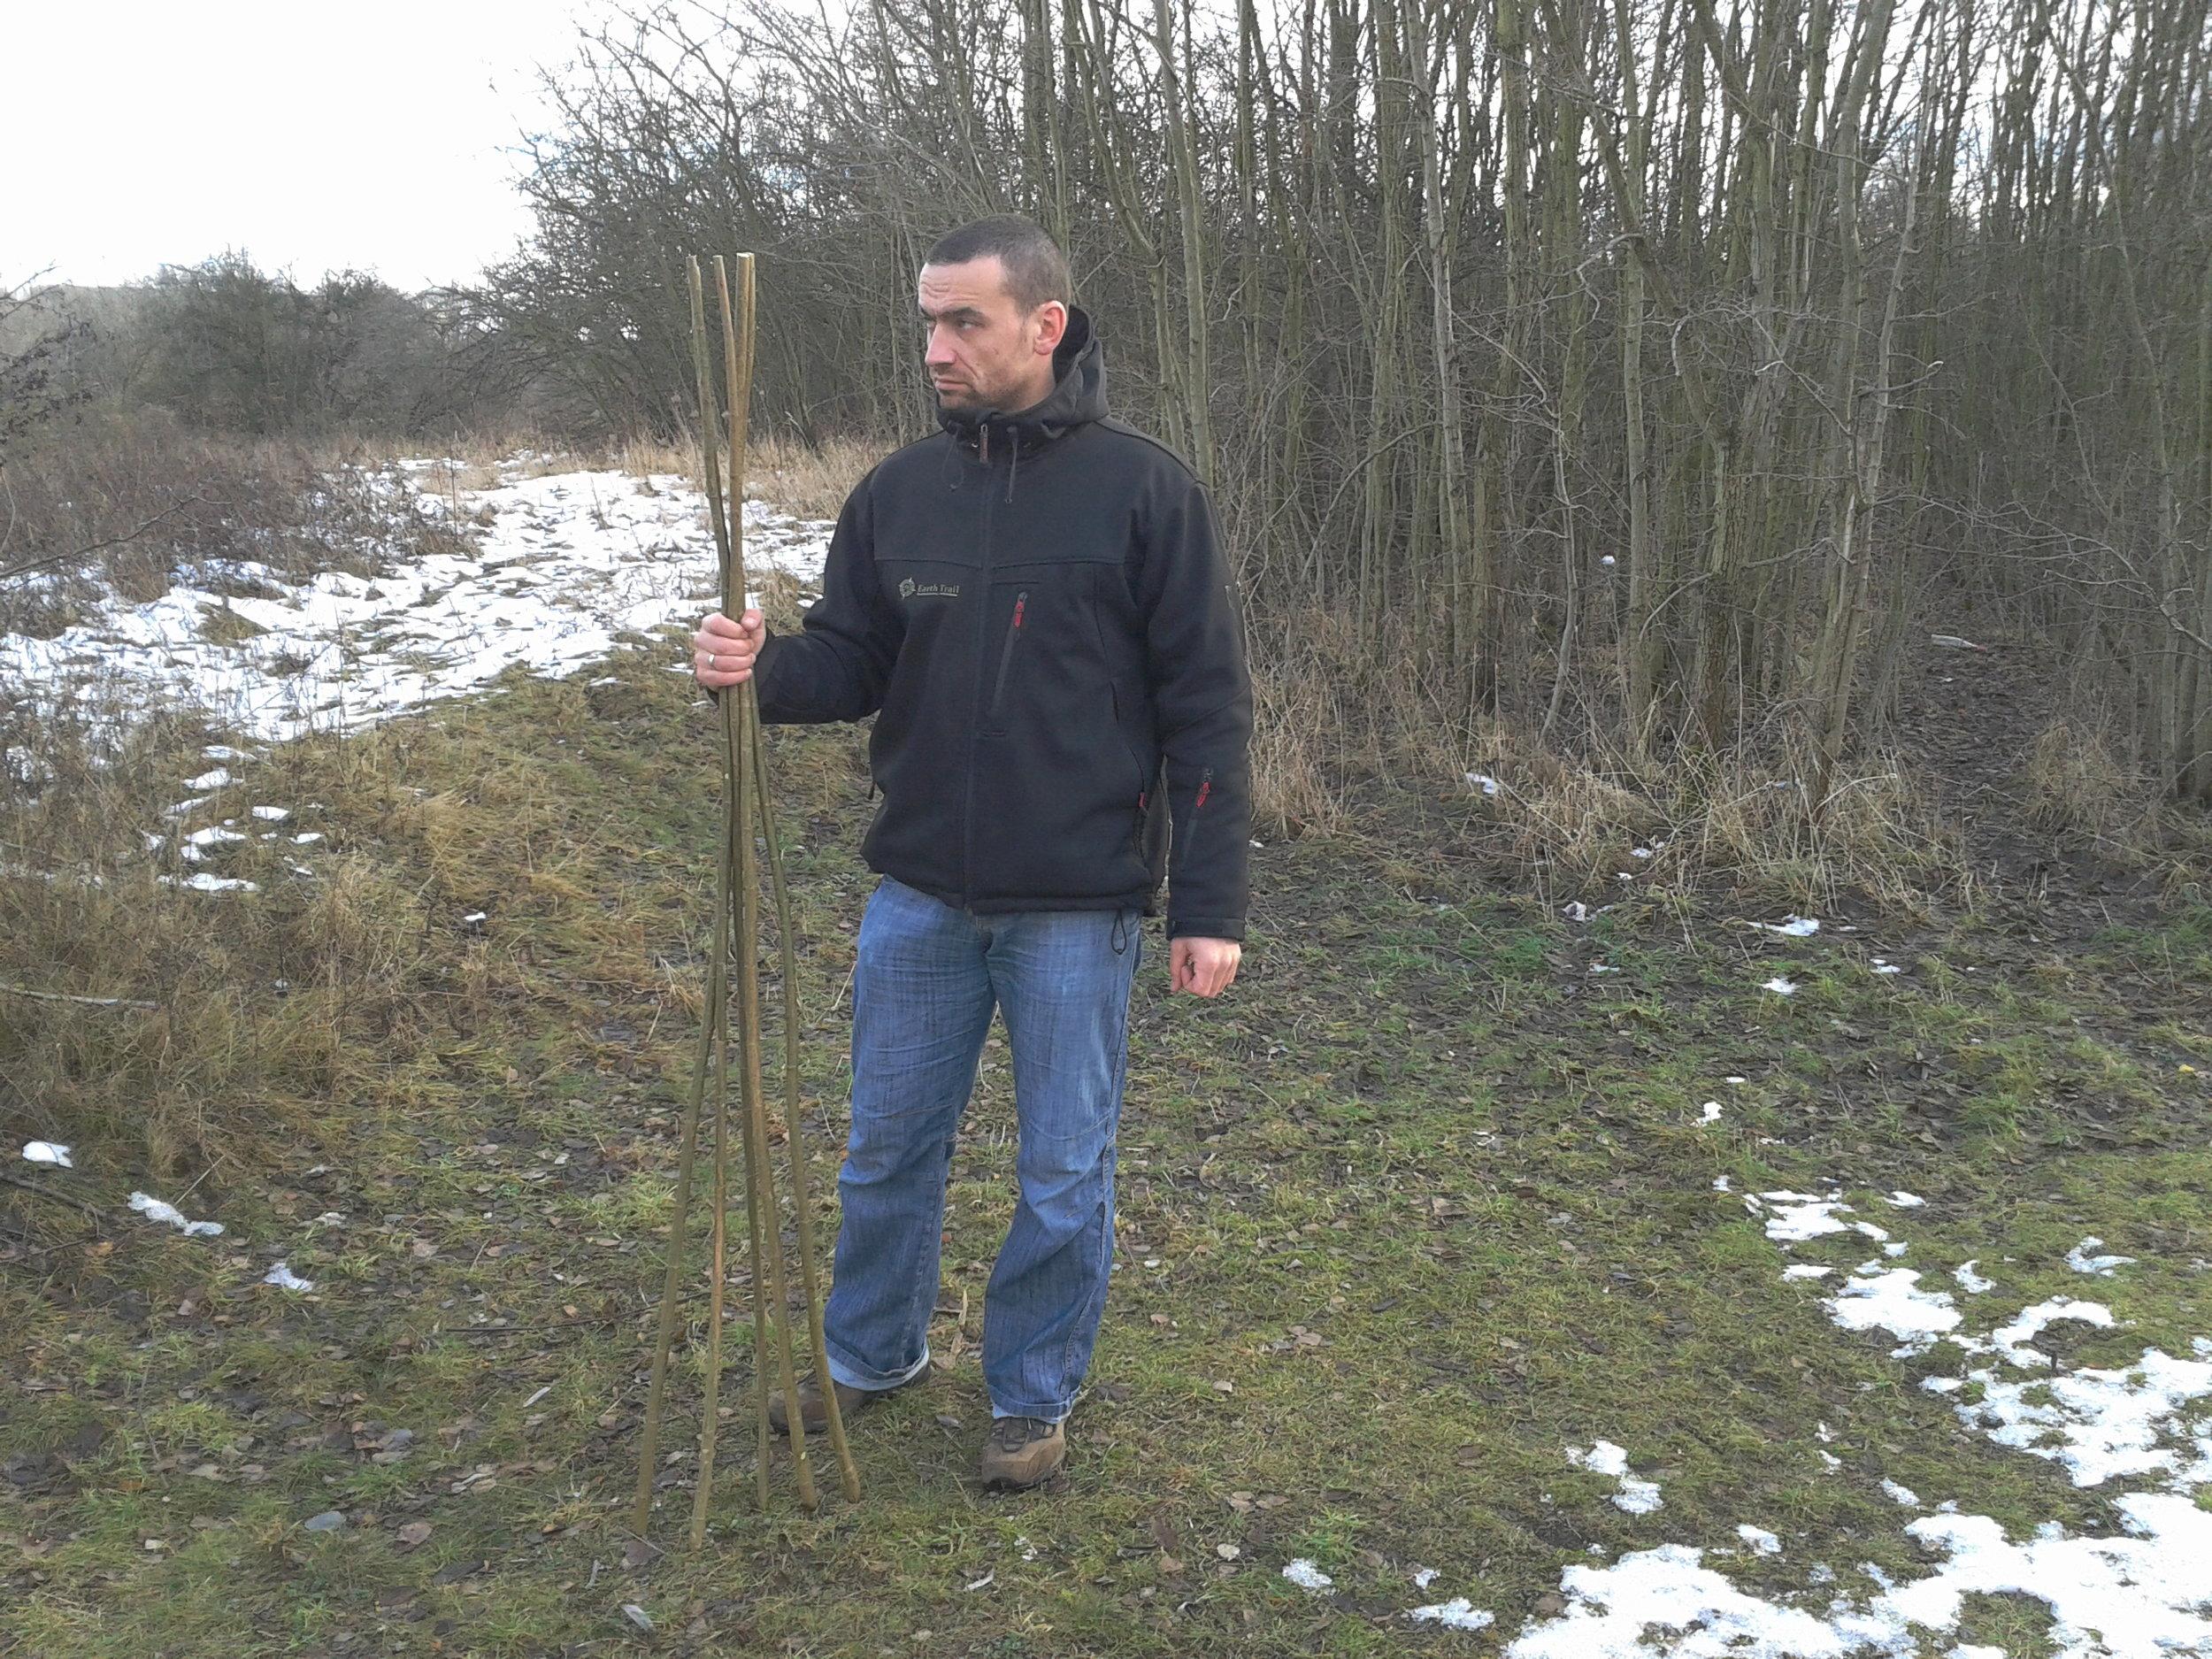 Bushcrafting / Survival: Material für Behelfsschneeschuhe